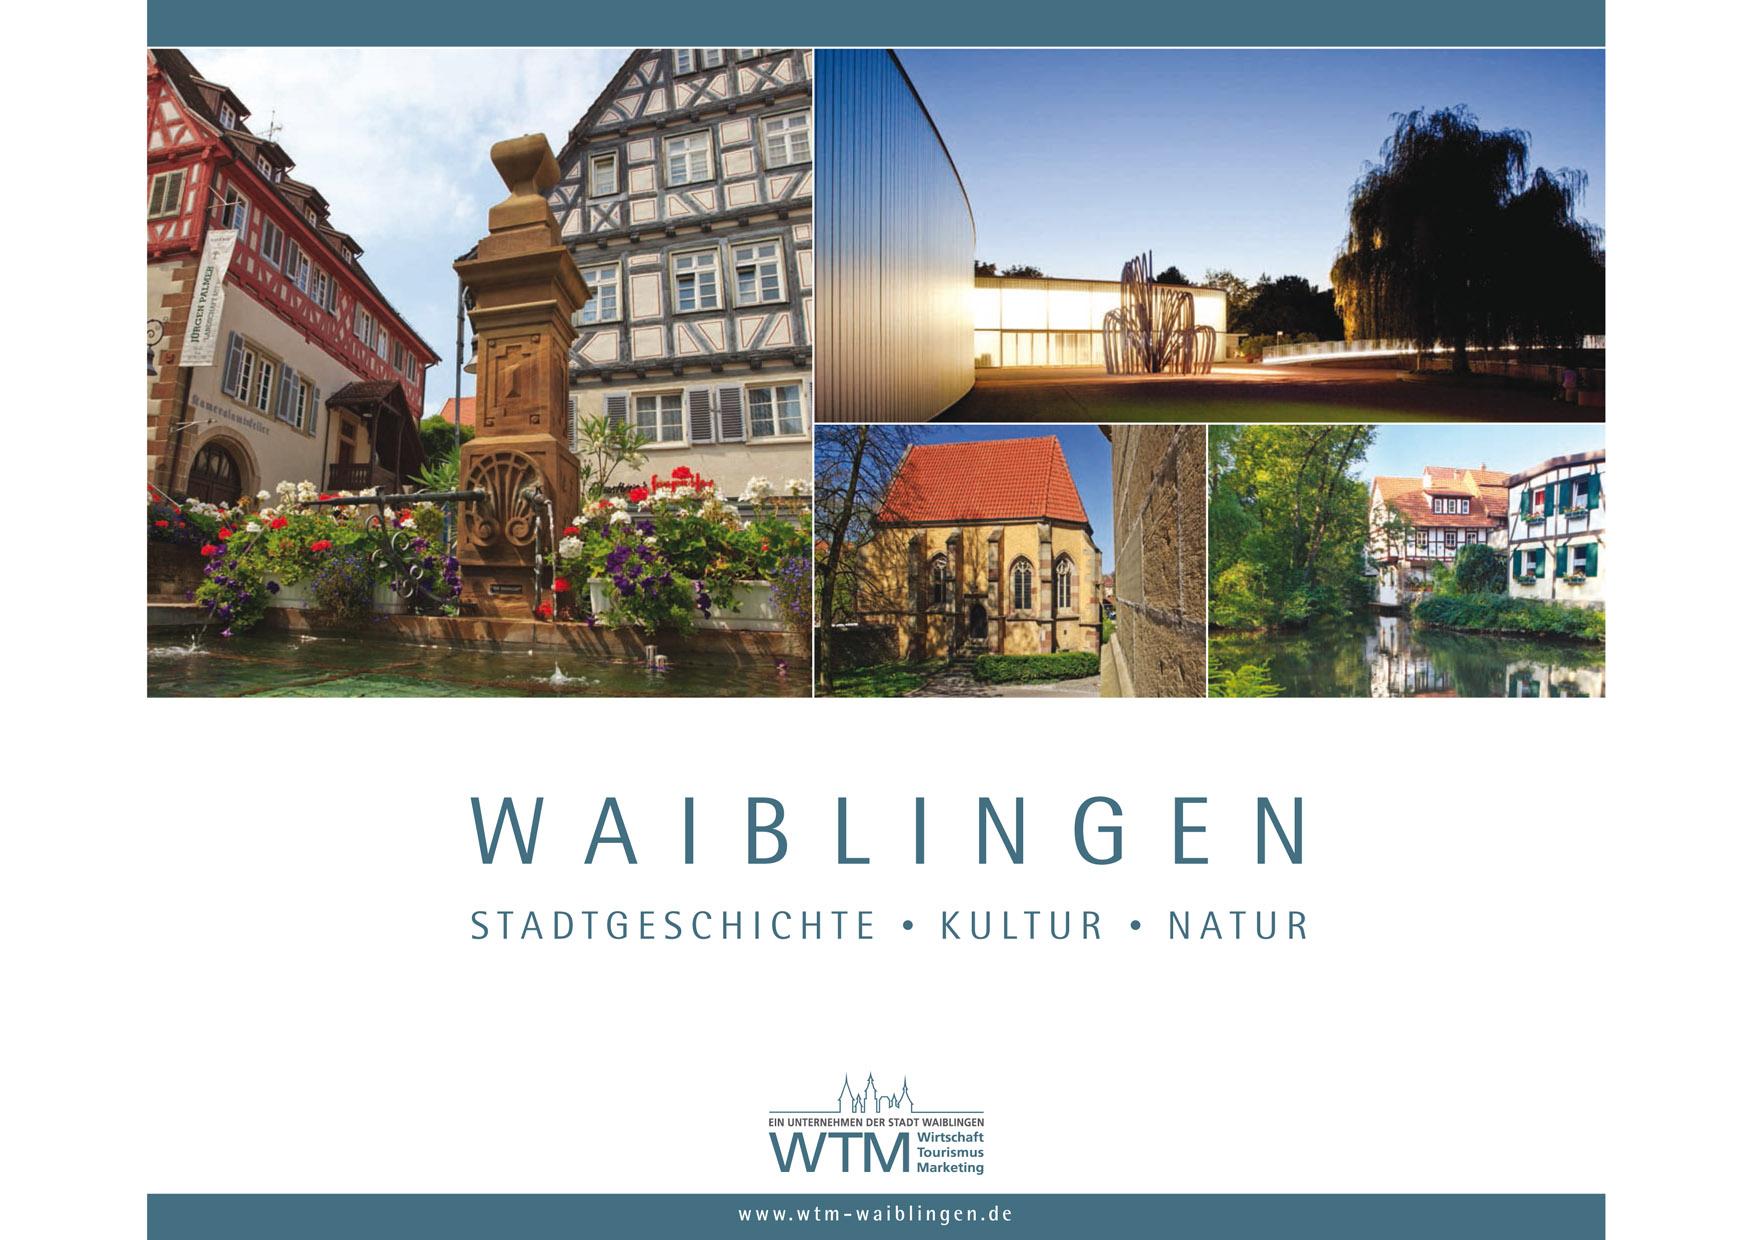 Broschüre Waiblingen Stadtgeschichte Kultur Natur